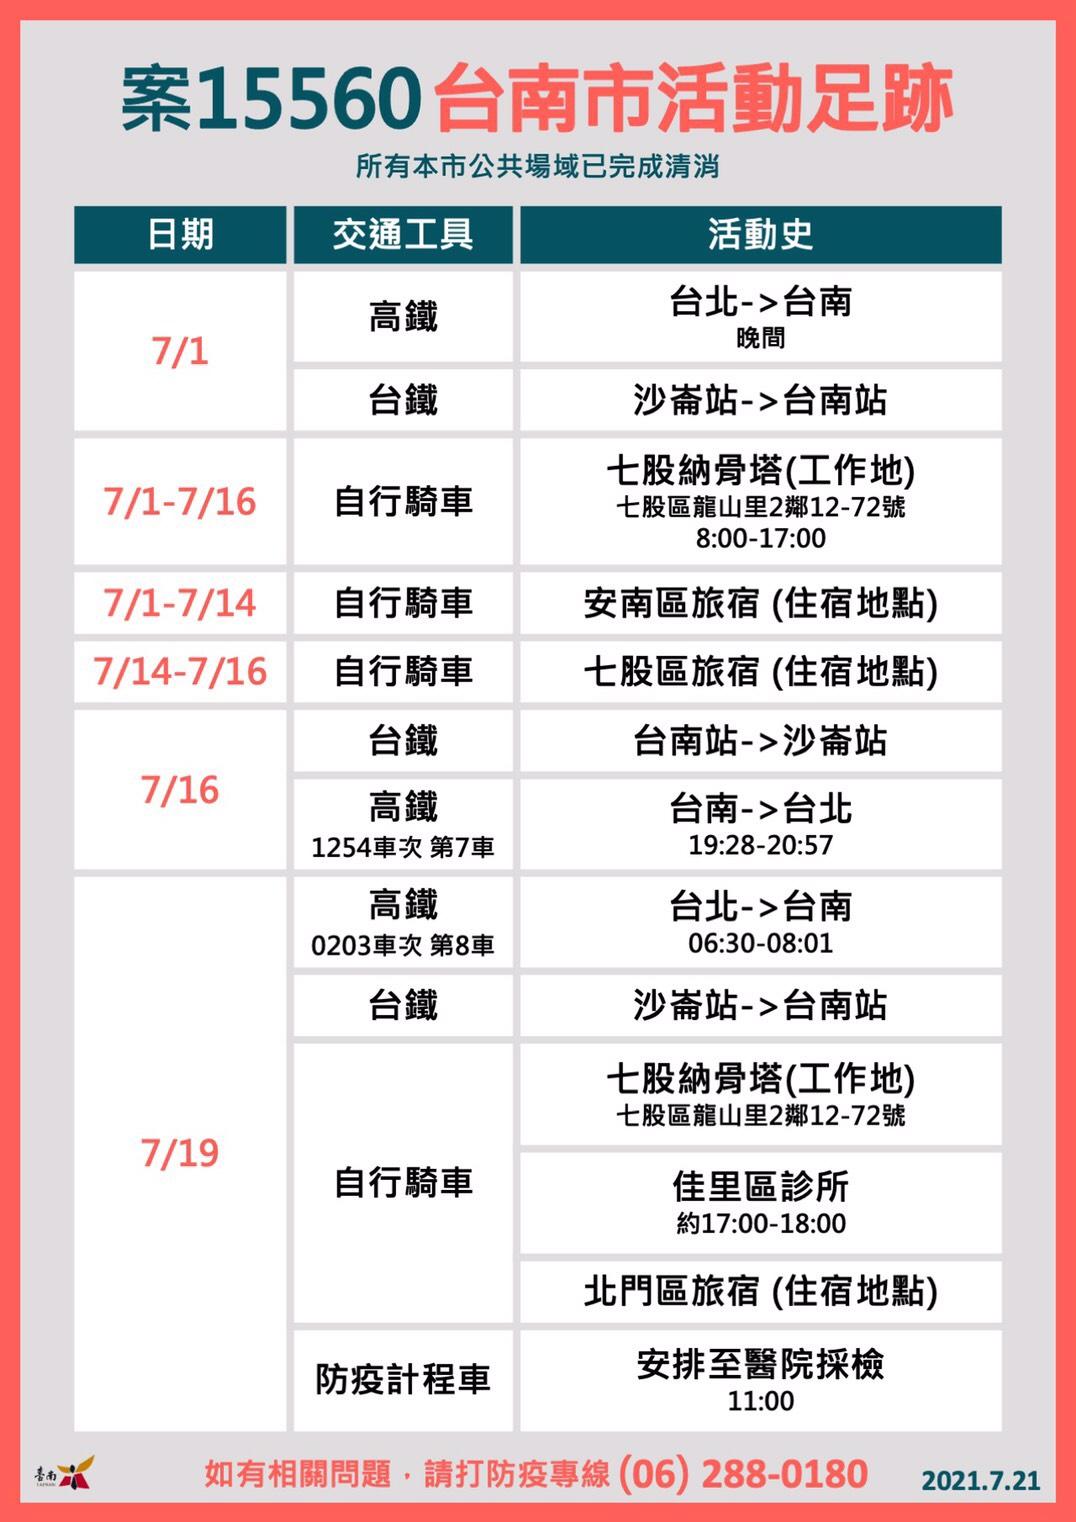 1100721案15560臺南市活動足跡